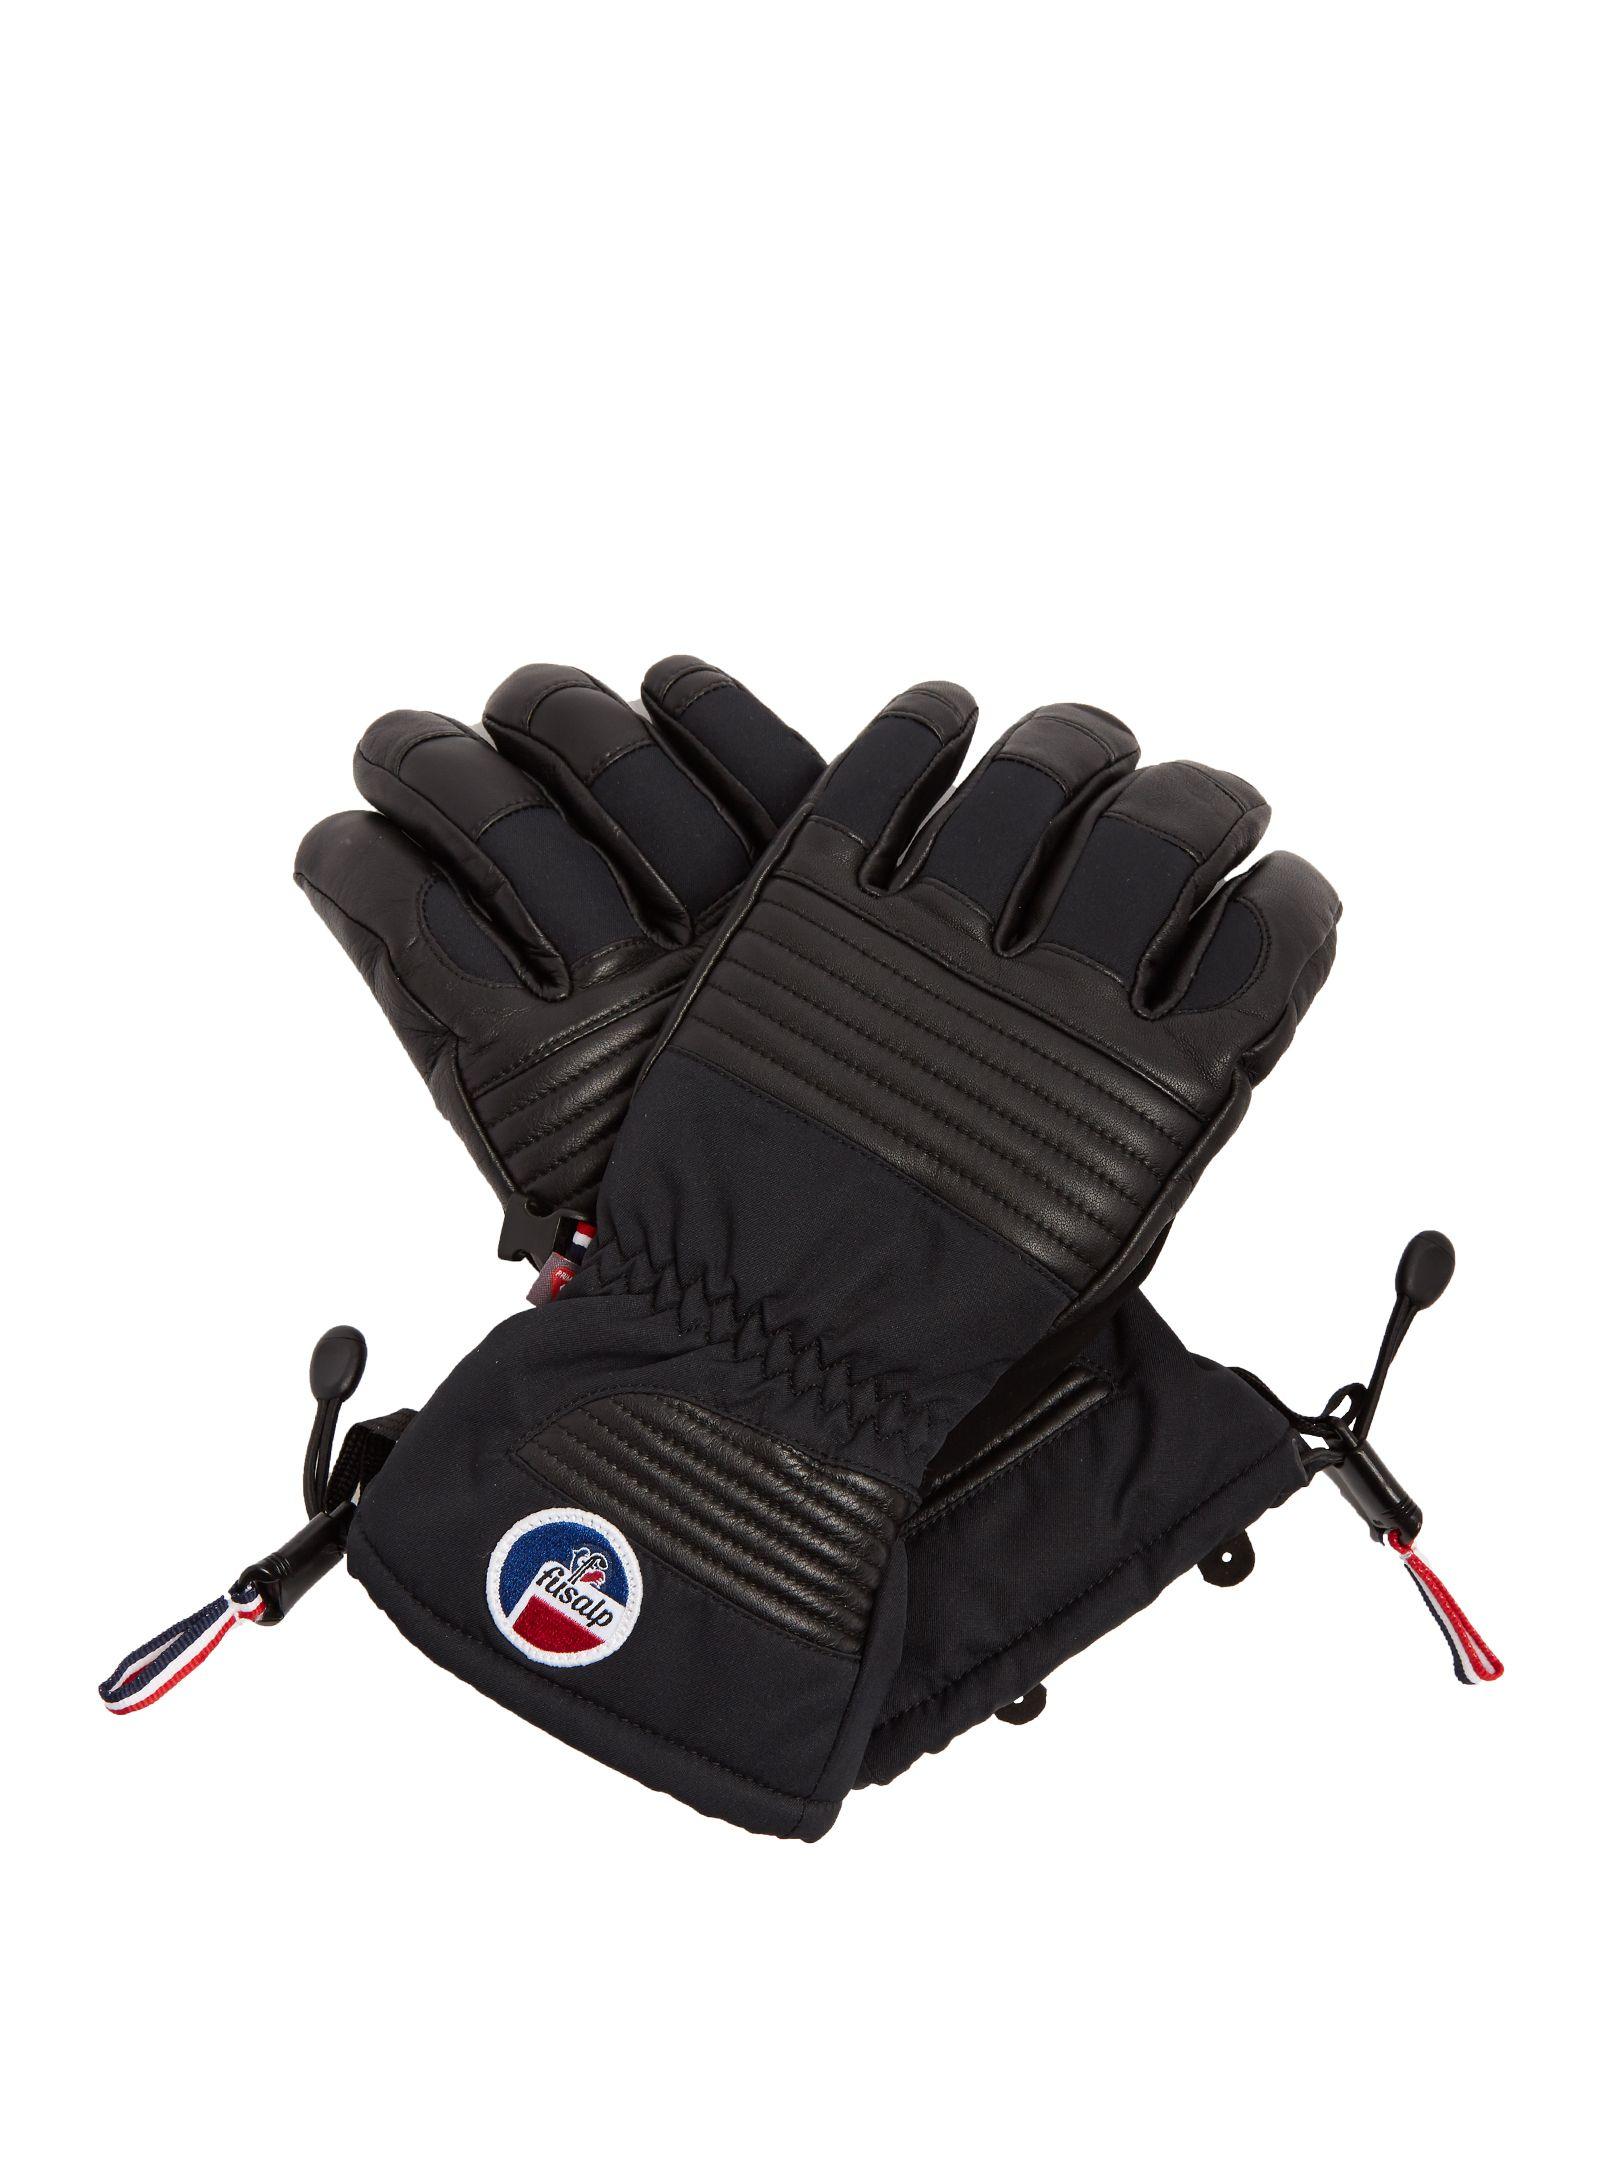 Driving gloves edmonton - Gloves